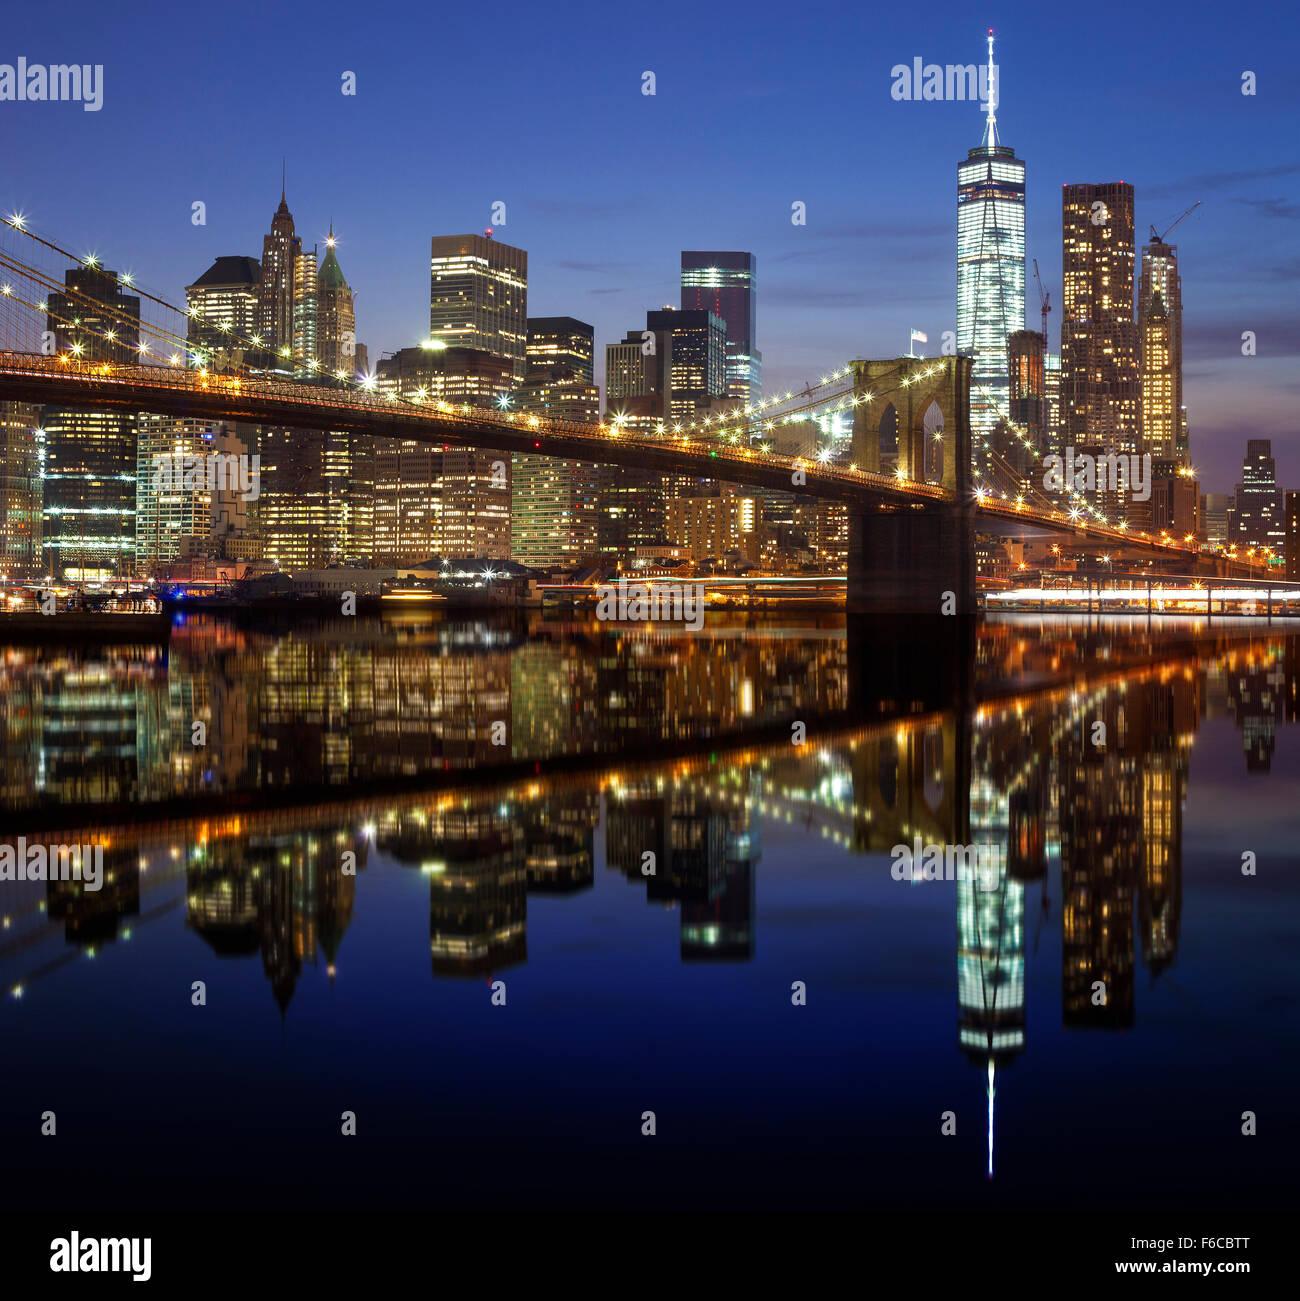 Manhattan am Wasser spiegelt sich im Wasser in der Nacht, New York City, USA. Stockbild